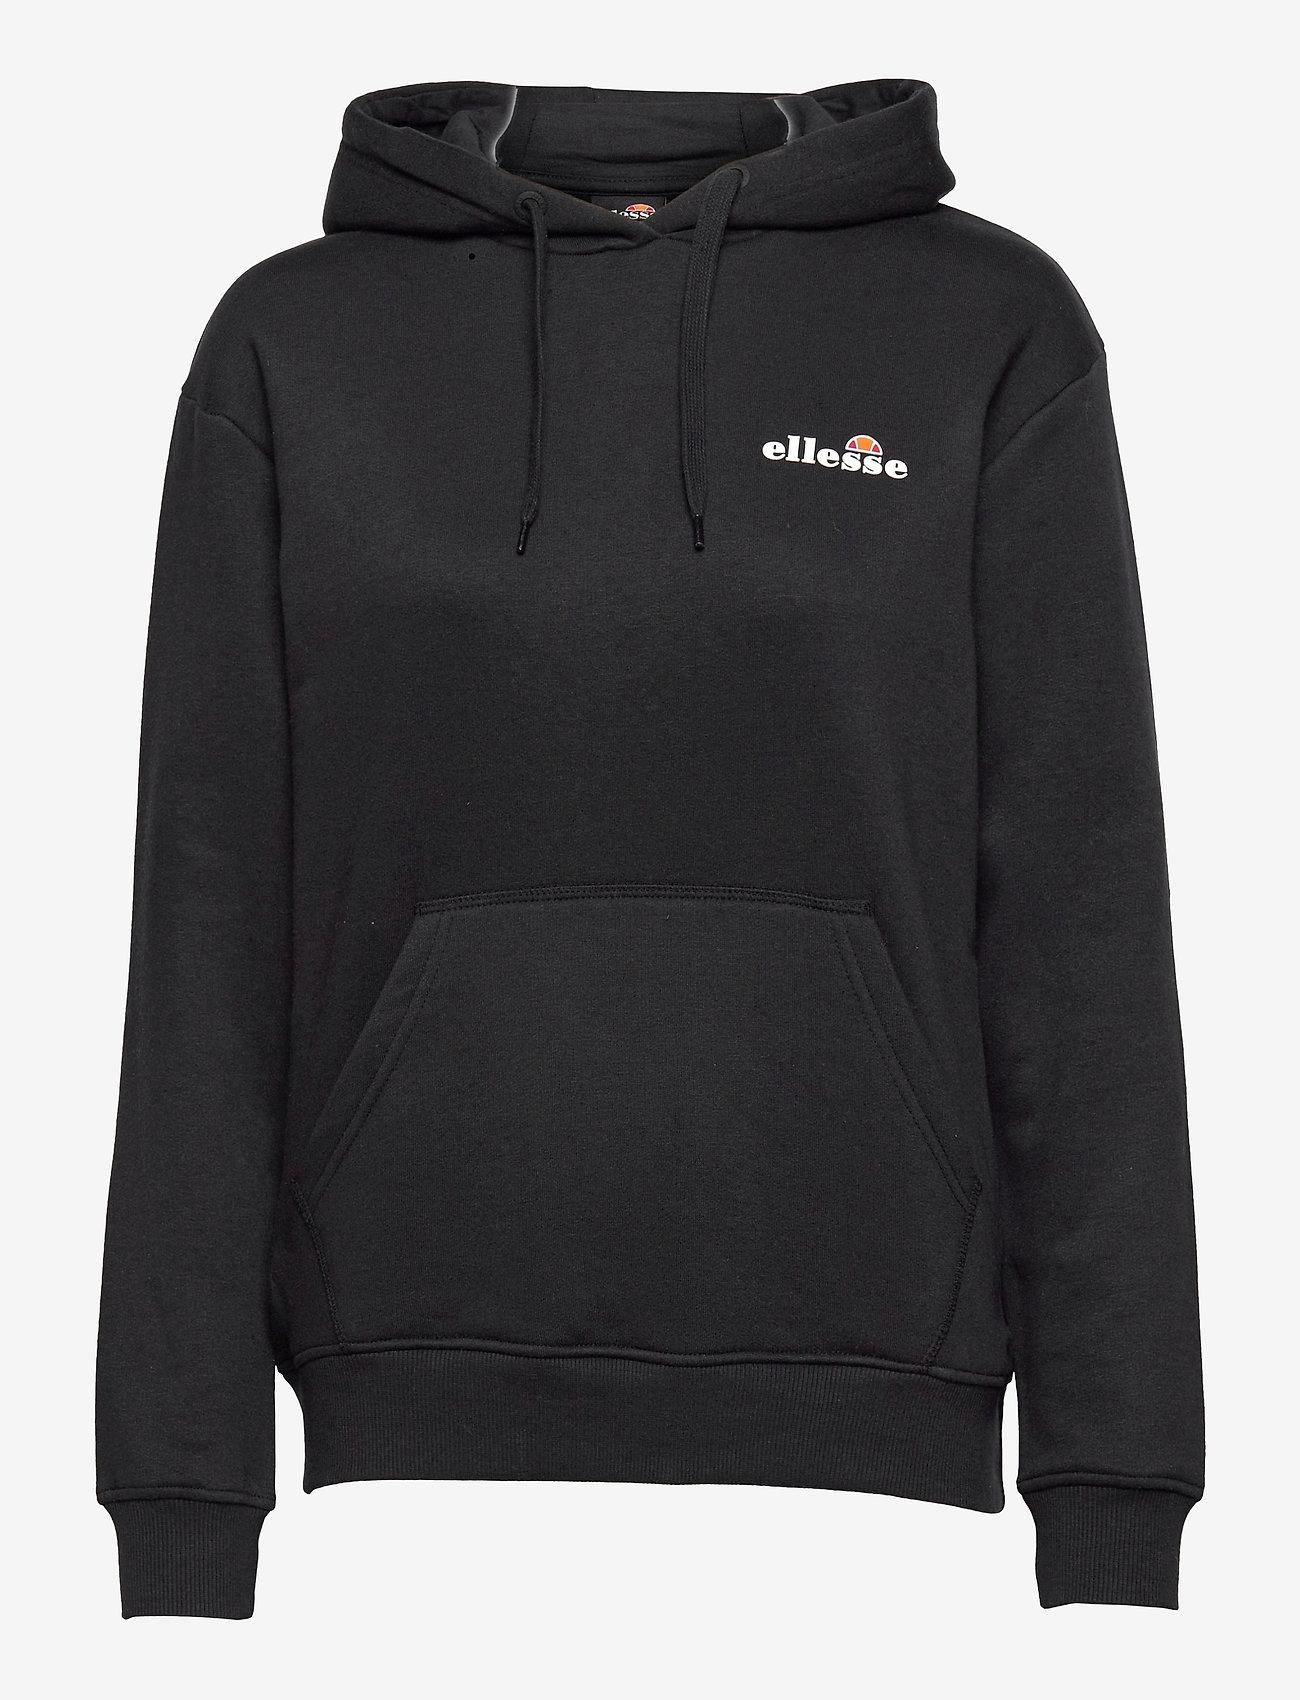 Ellesse - EL ELCE OH HOODY - hoodies - black - 0